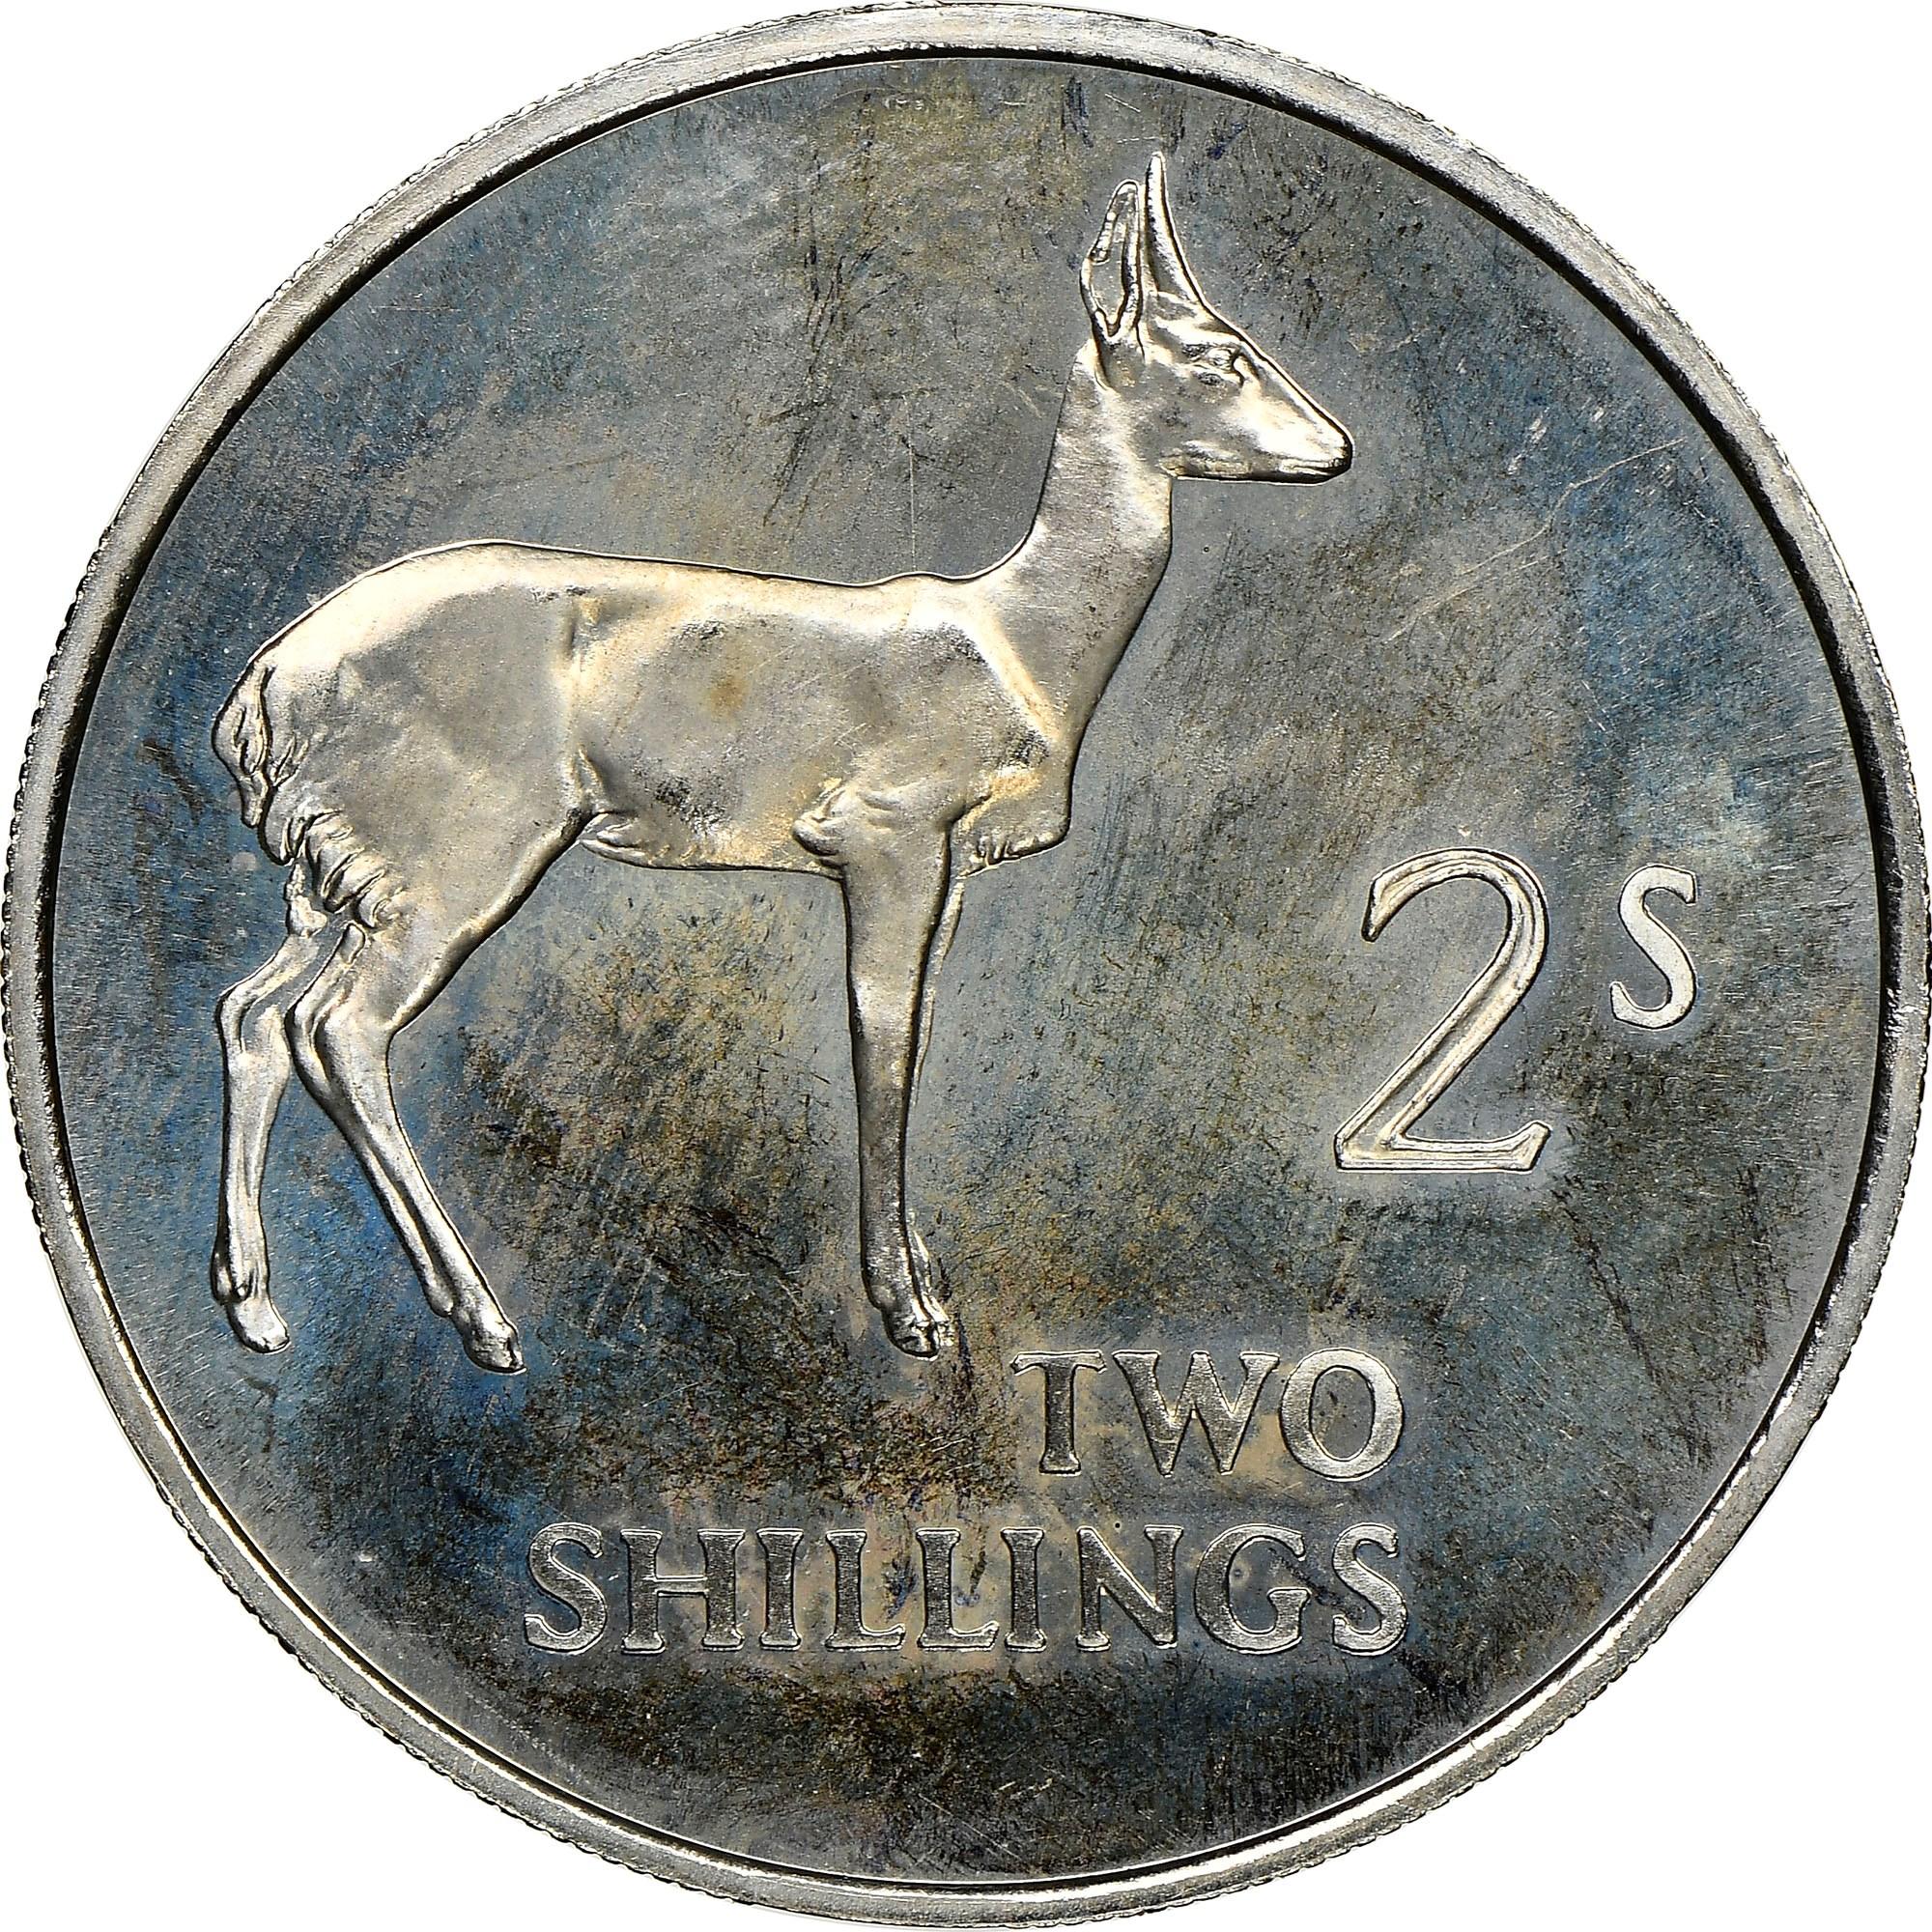 Zambia 2 Shillings reverse